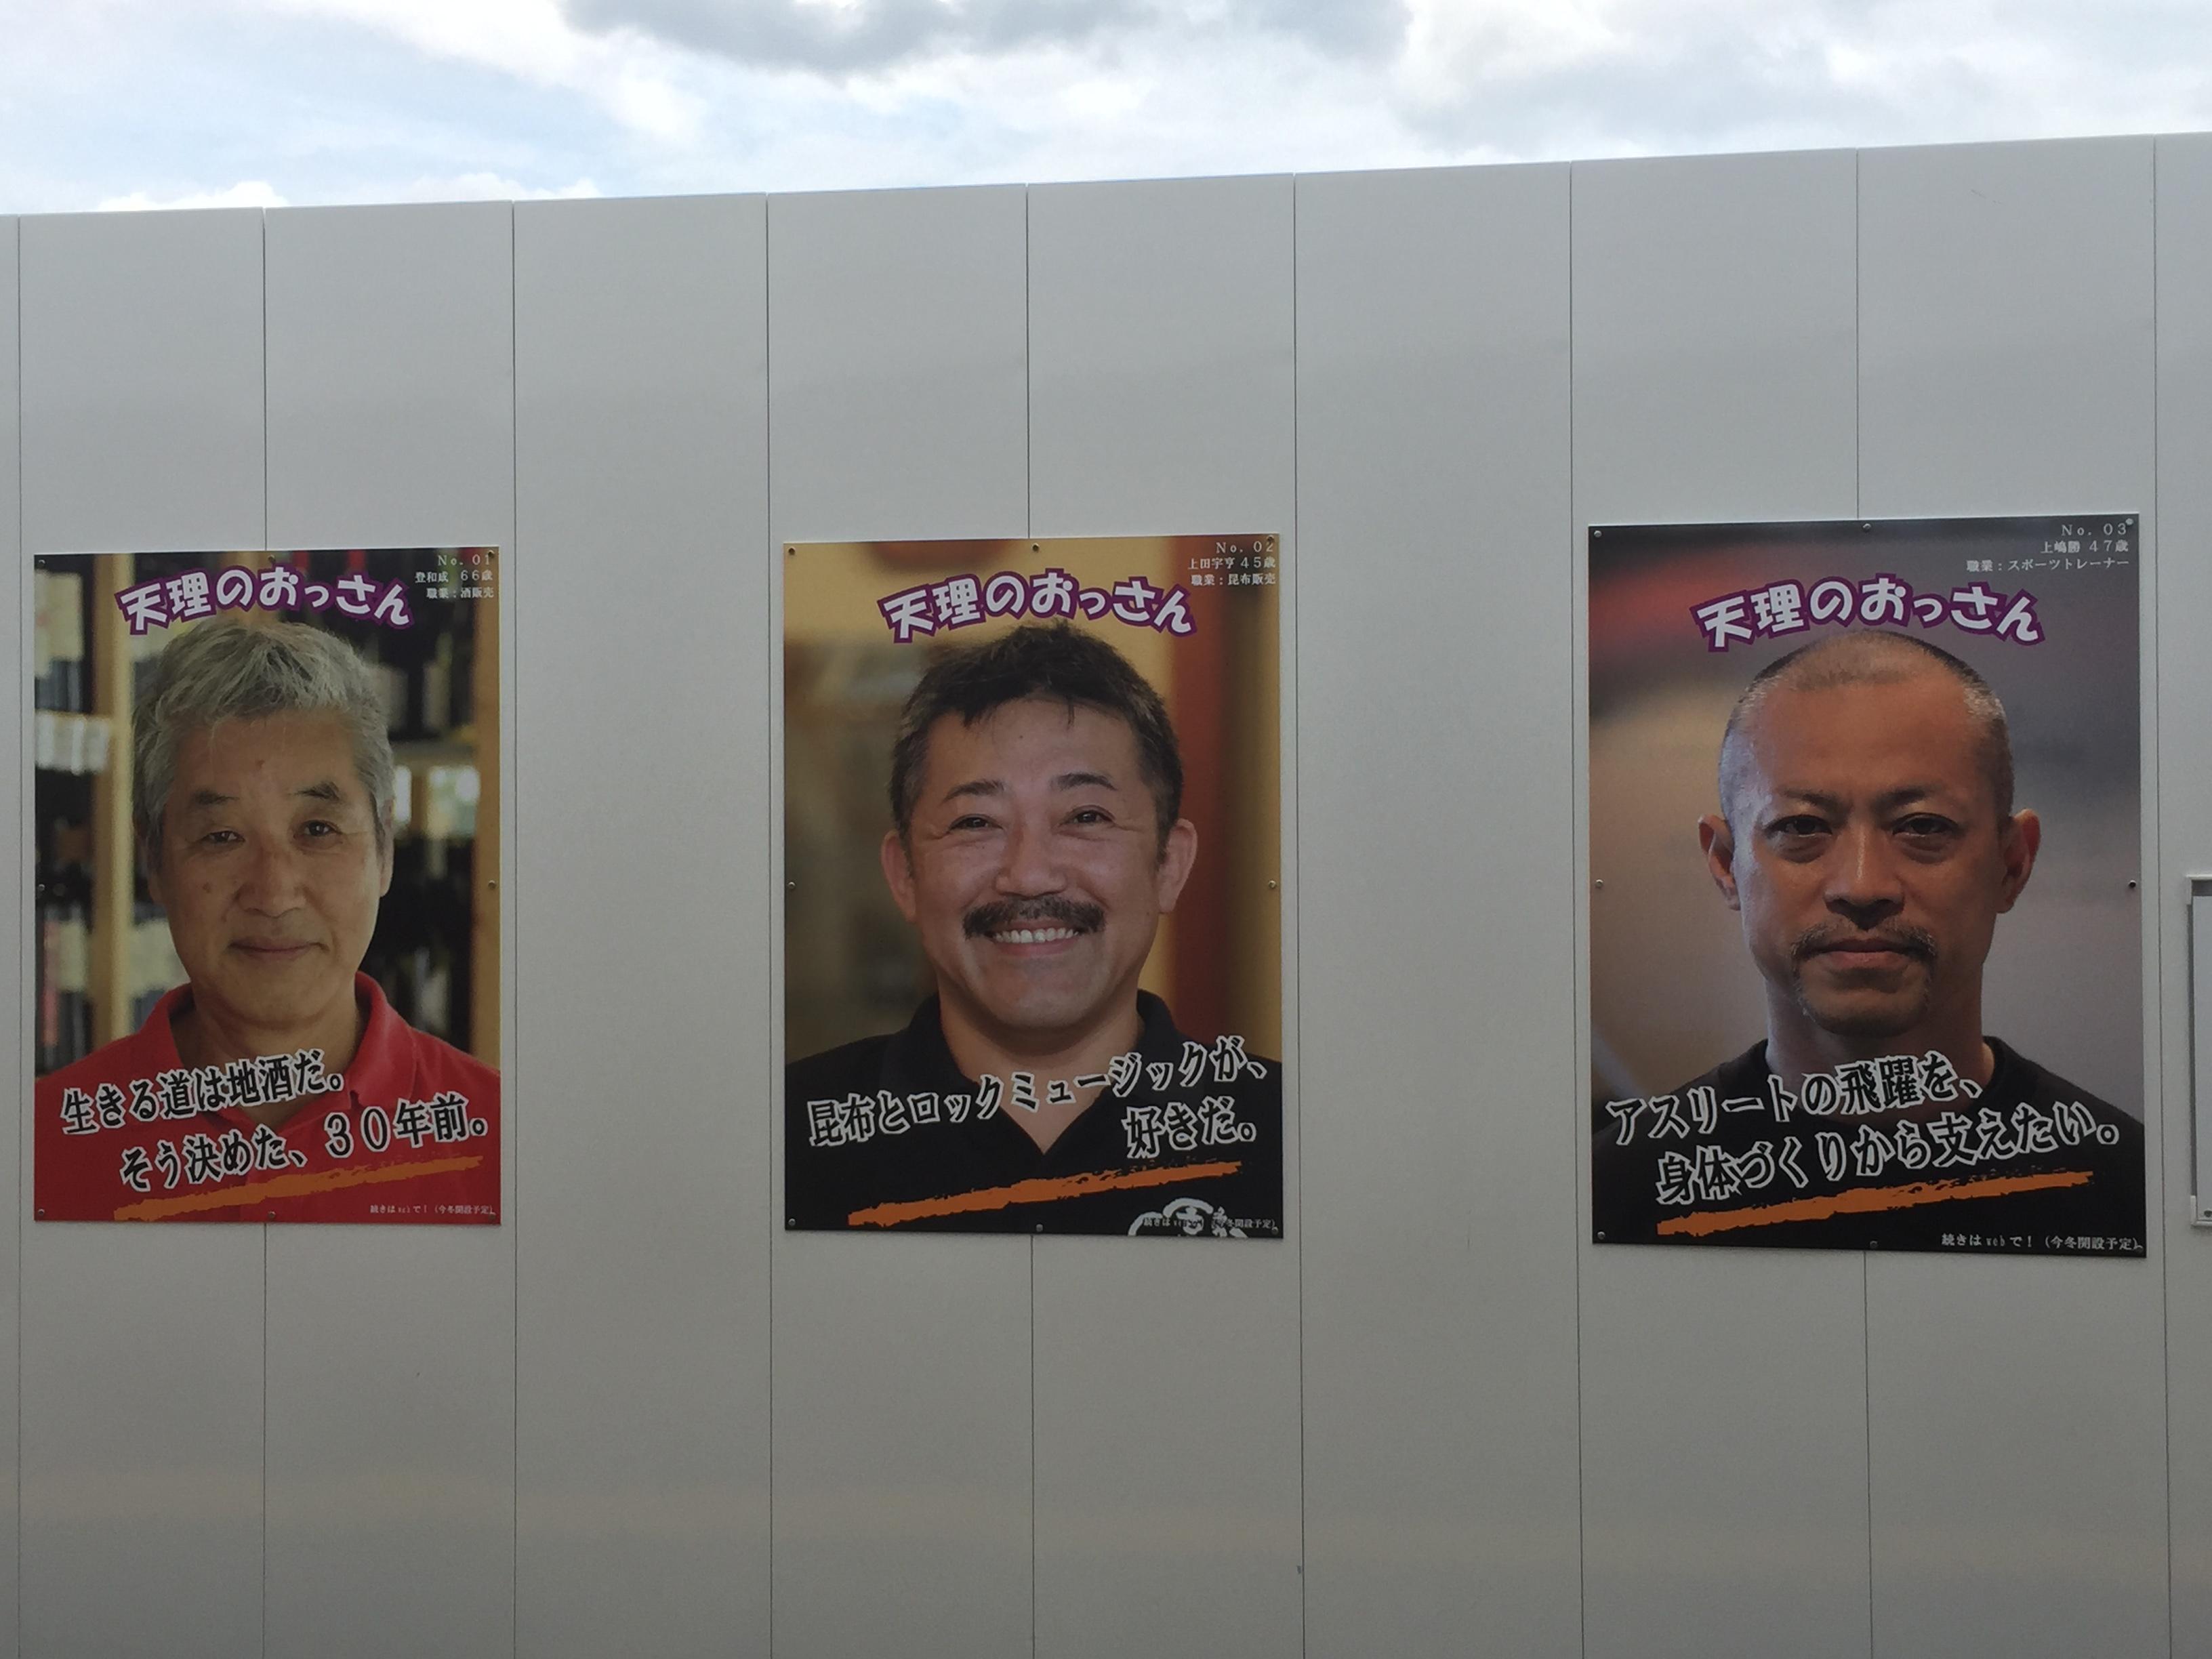 天理駅前の工事現場の仮囲いの装飾がオモシロイ!天理のおっさんの顔写真が!